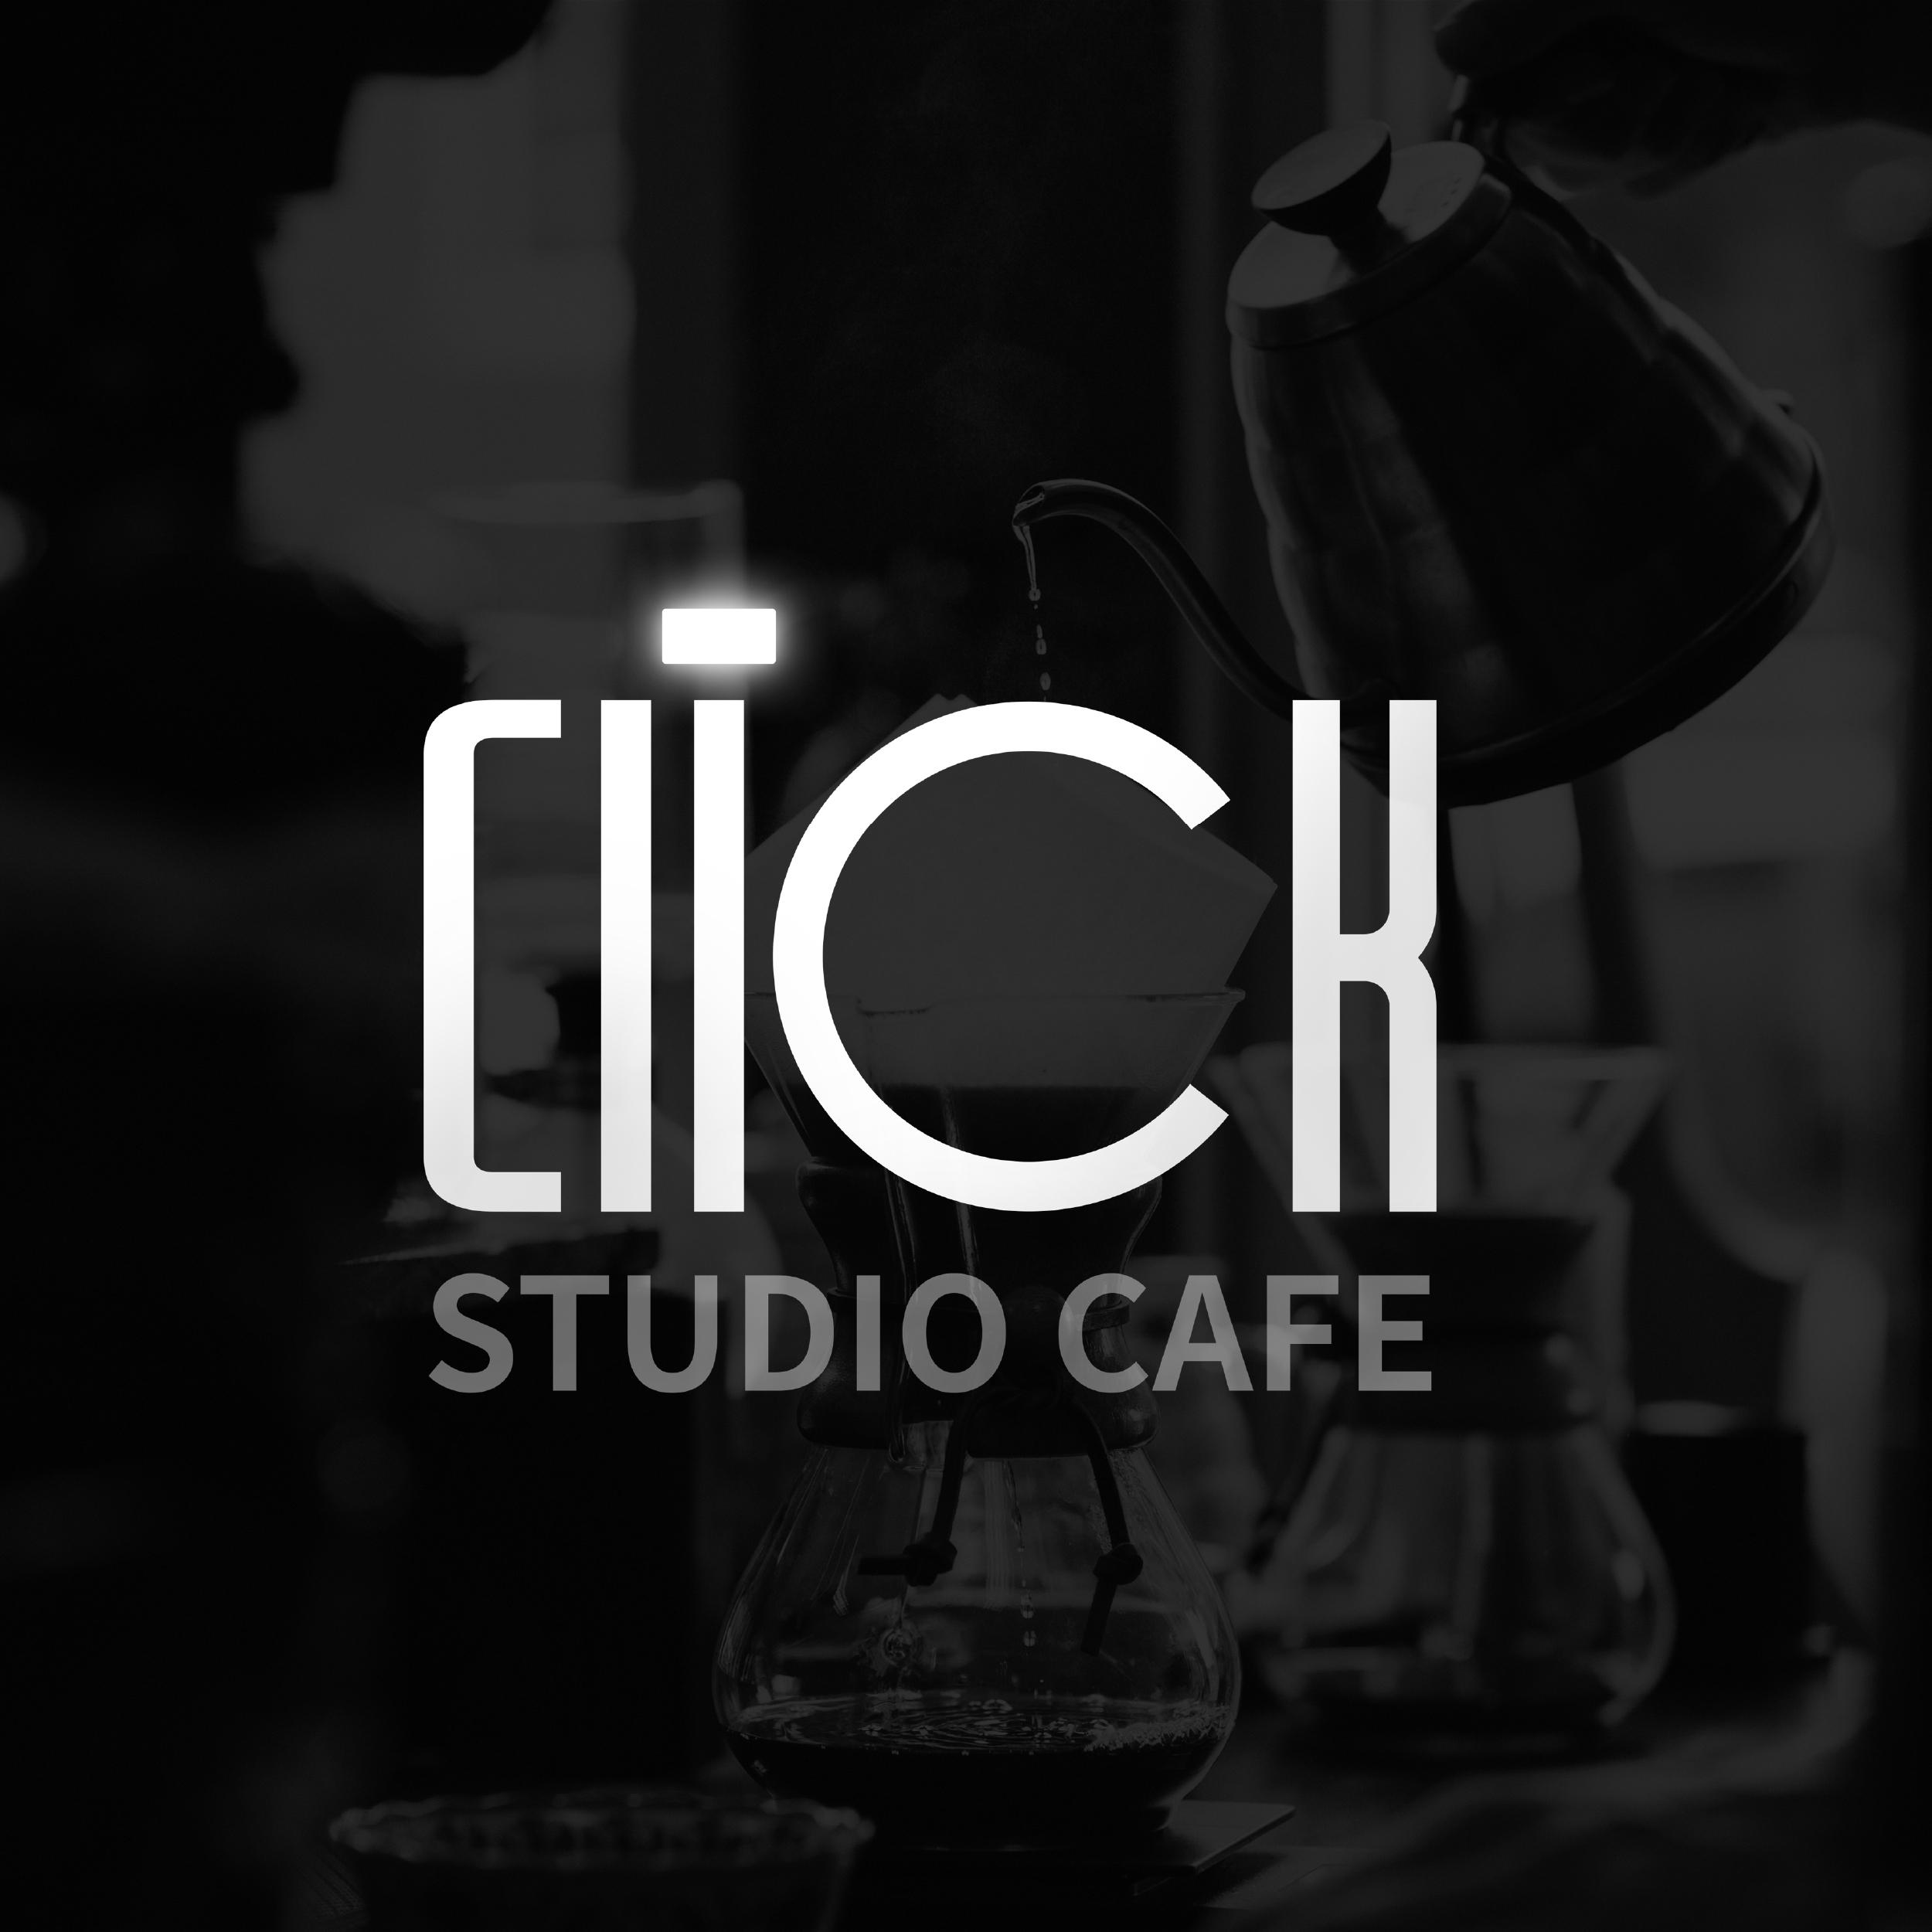 기타 디자인 | 스튜디오카페 | 라우드소싱 포트폴리오